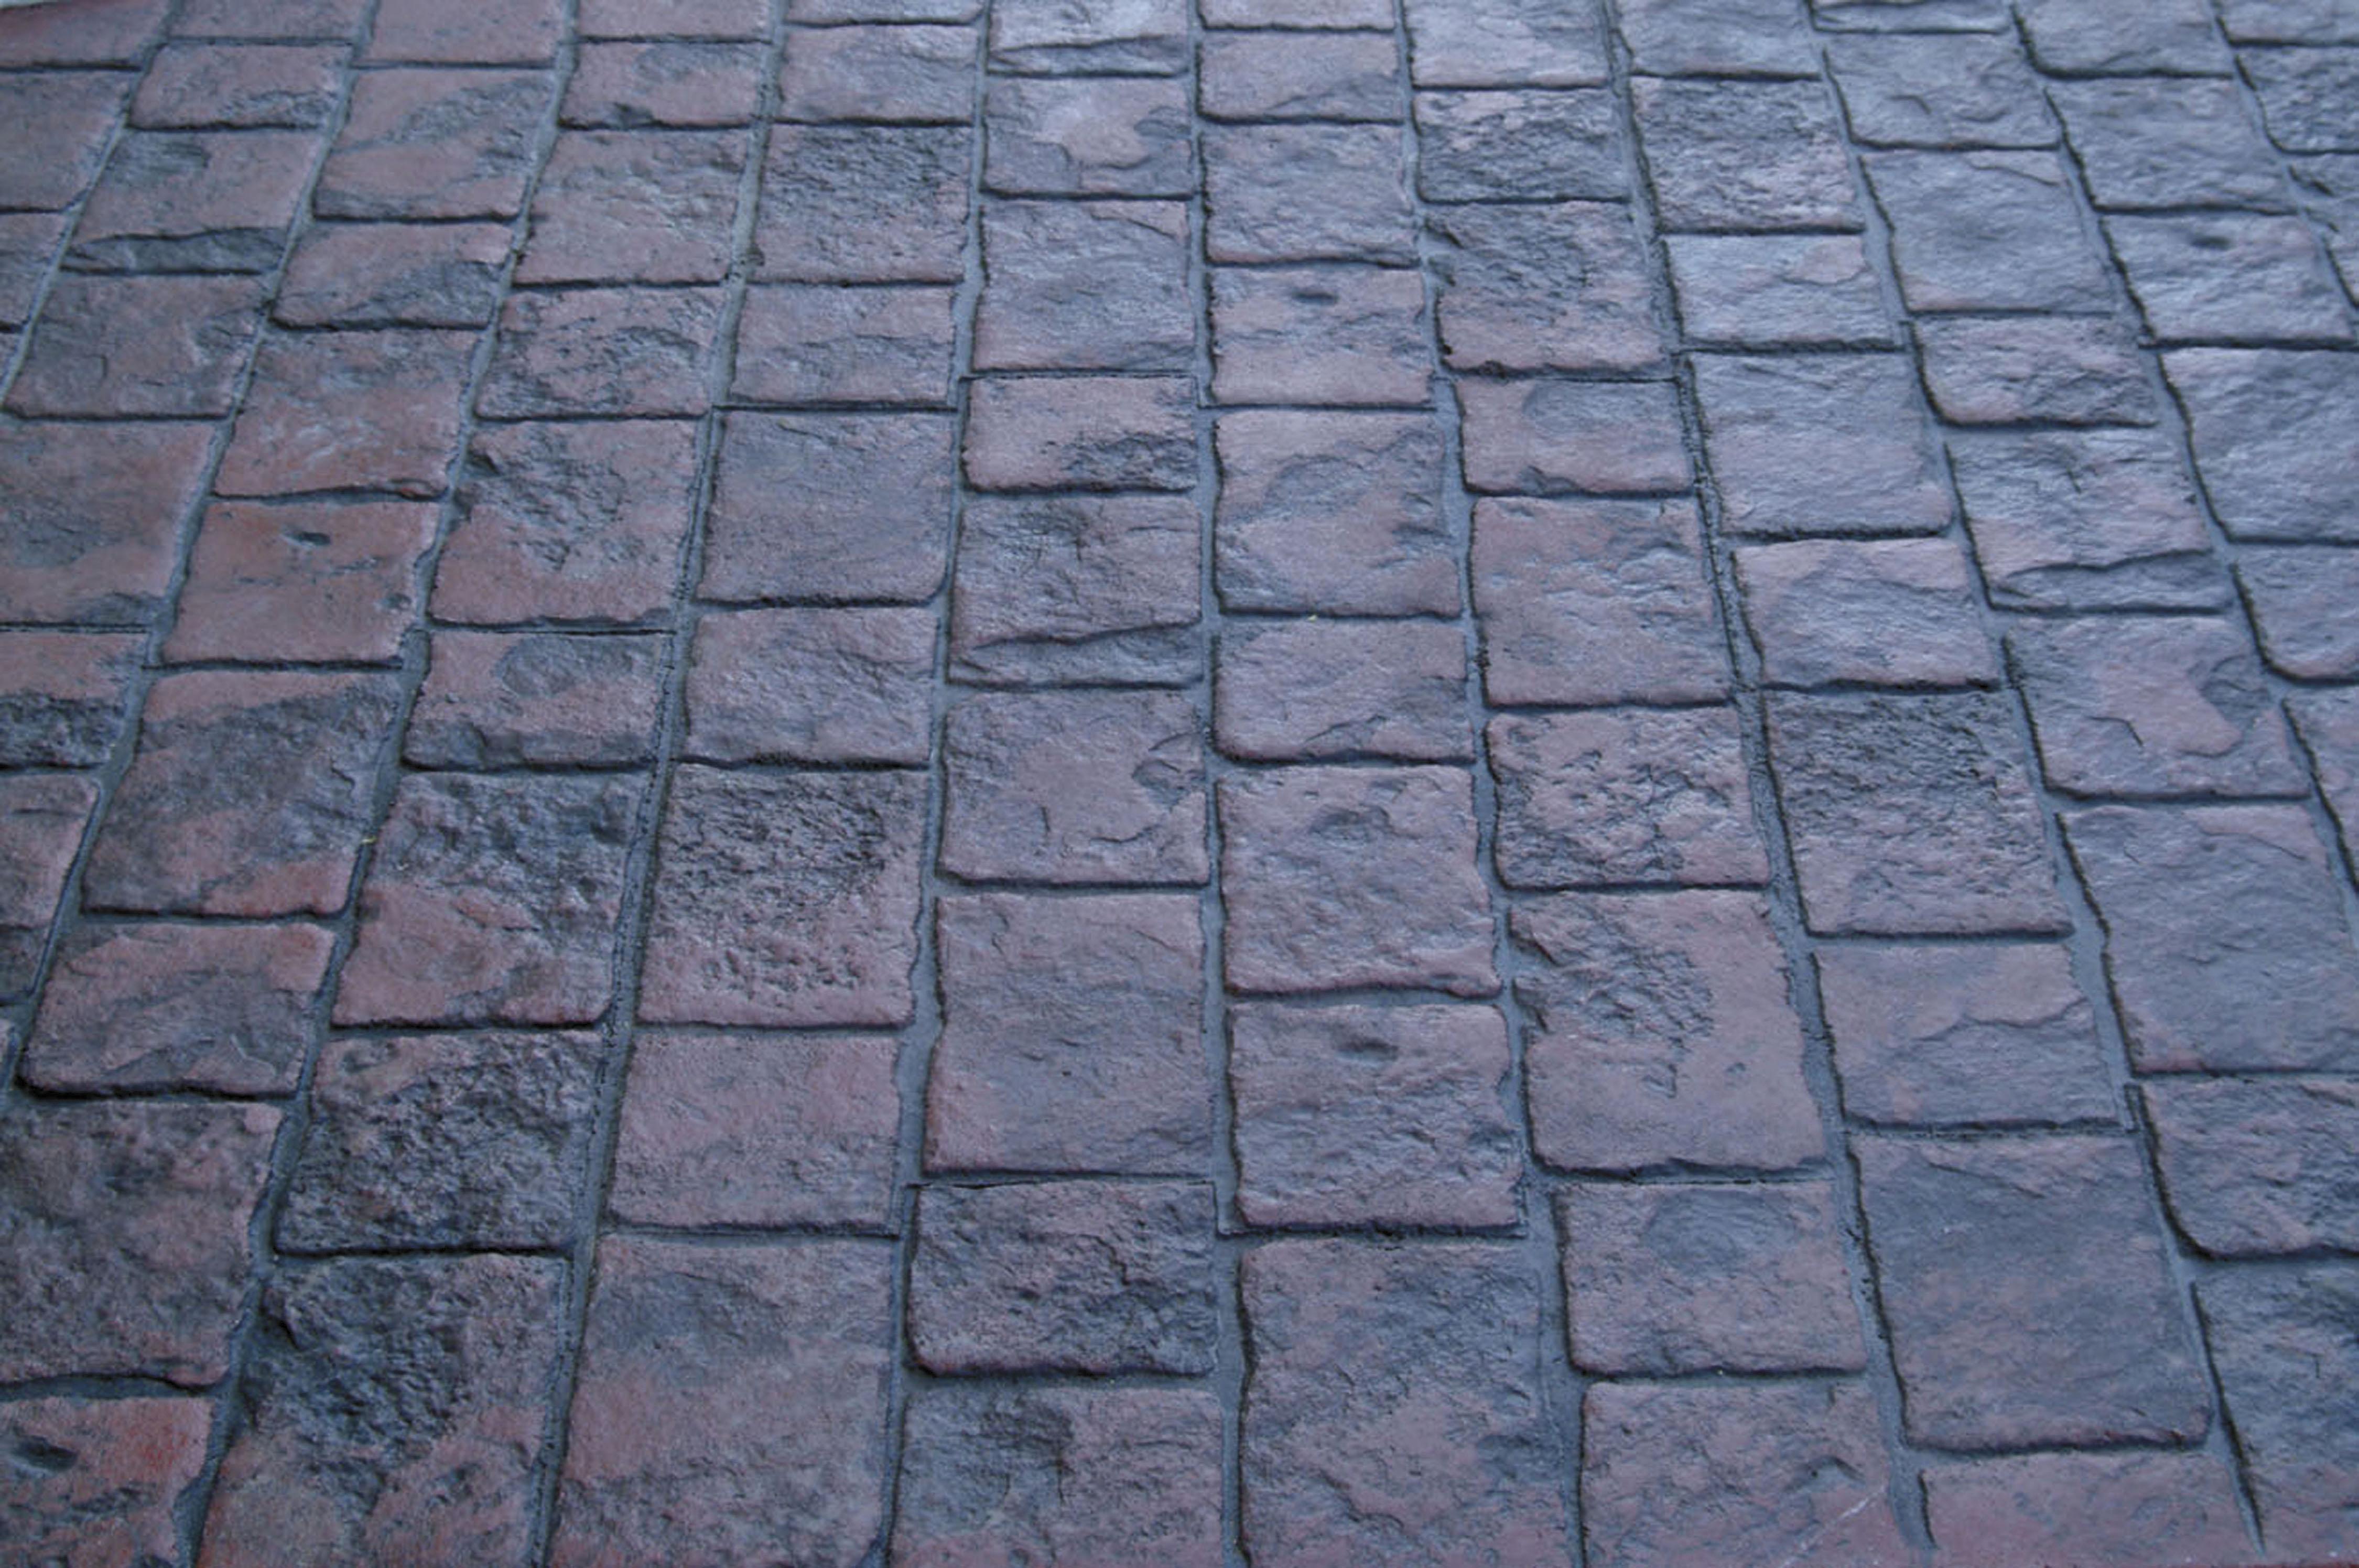 Concrete Stamping Tools  Supplies Rental Program